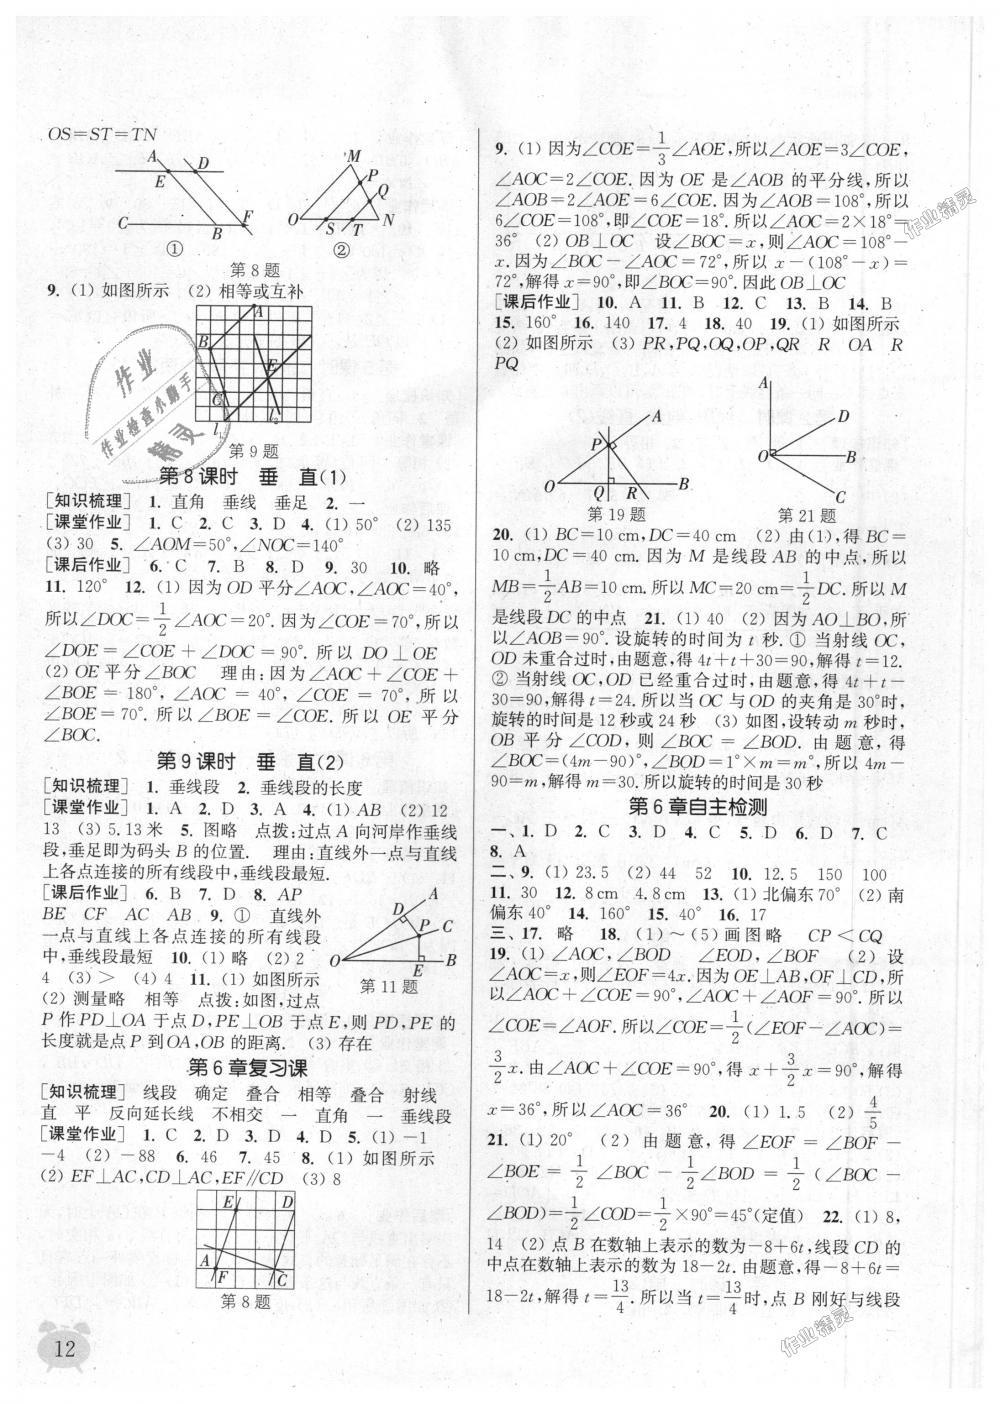 2018年通城学典课时作业本七年级数学上册江苏版江苏专用第12页